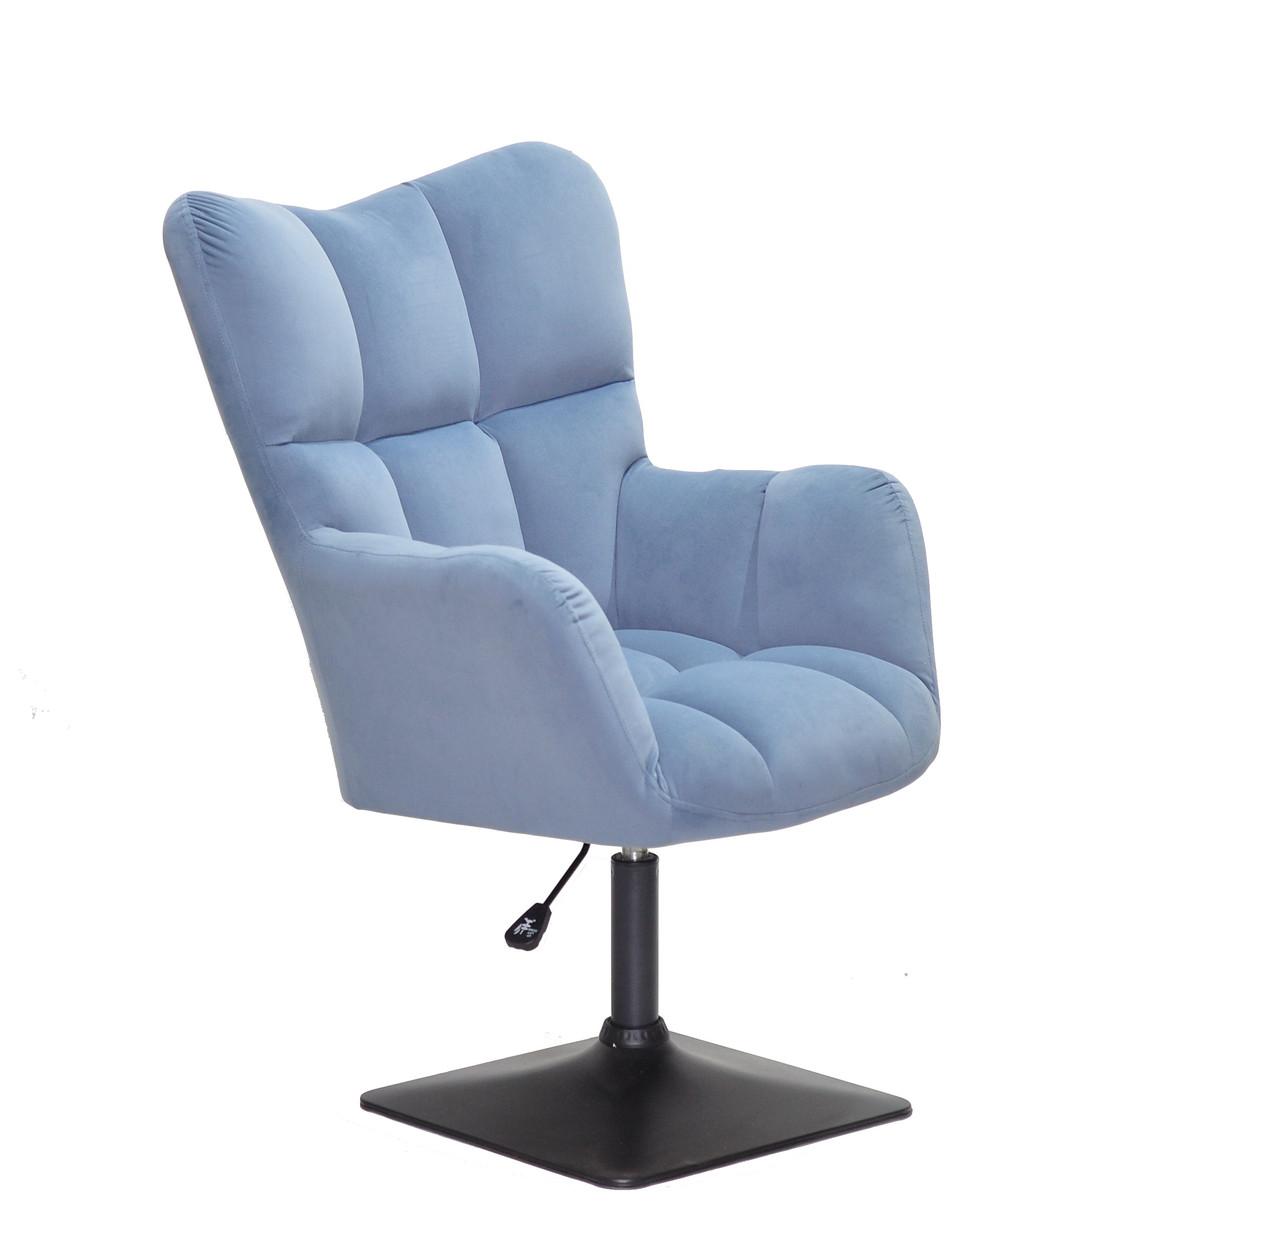 Офісне крісло OLIVER Б-Т СИНІЙ B - 1028 4-BK-BASE